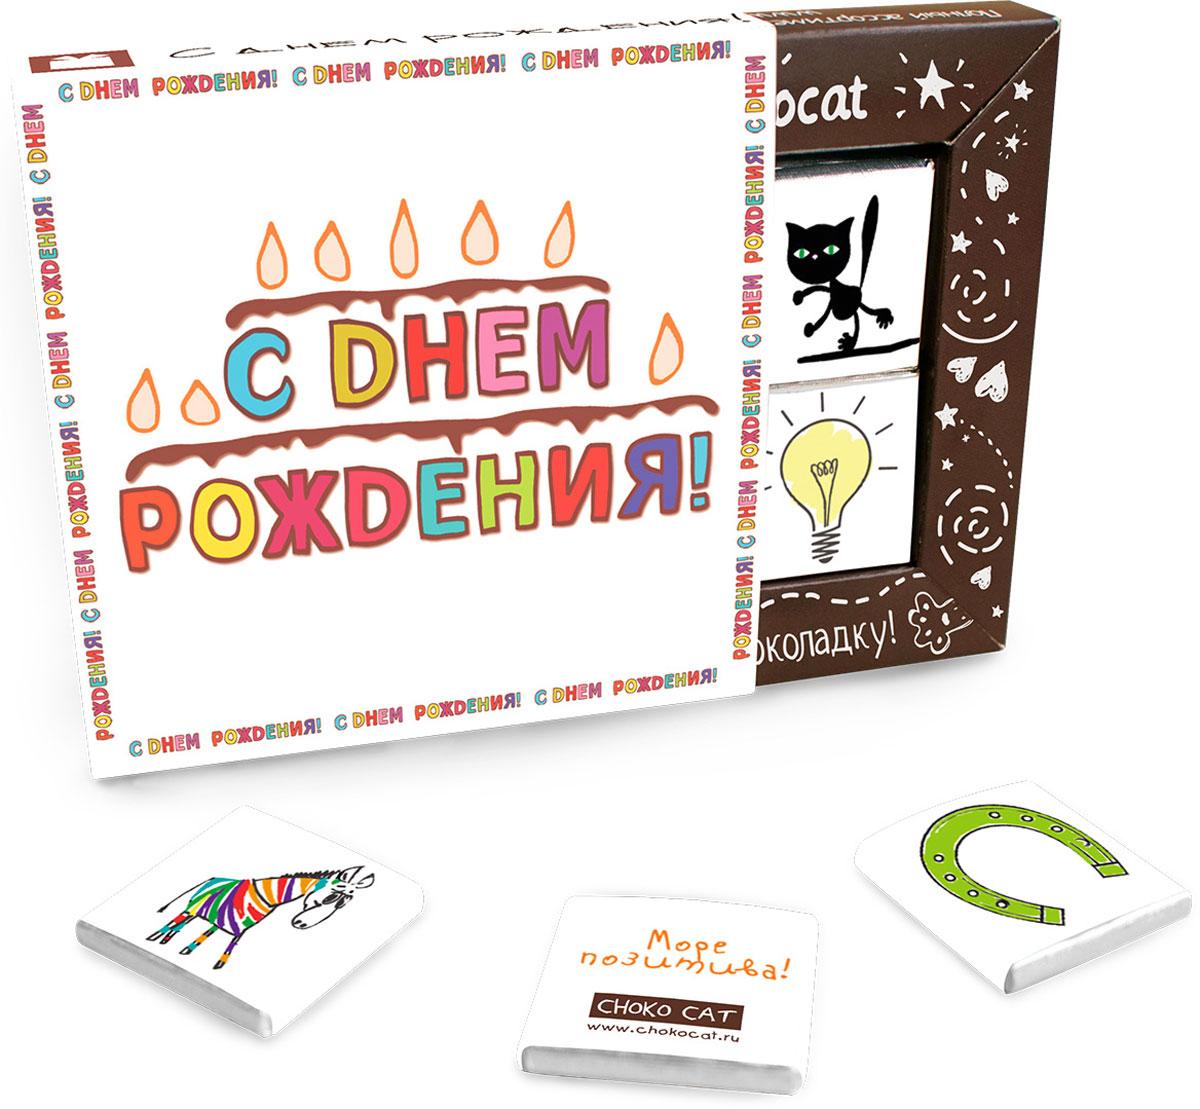 Chokocat С днем рождения молочный шоколад, 60 г шоколад молочный chokocat дед мороз и поросята 100 г